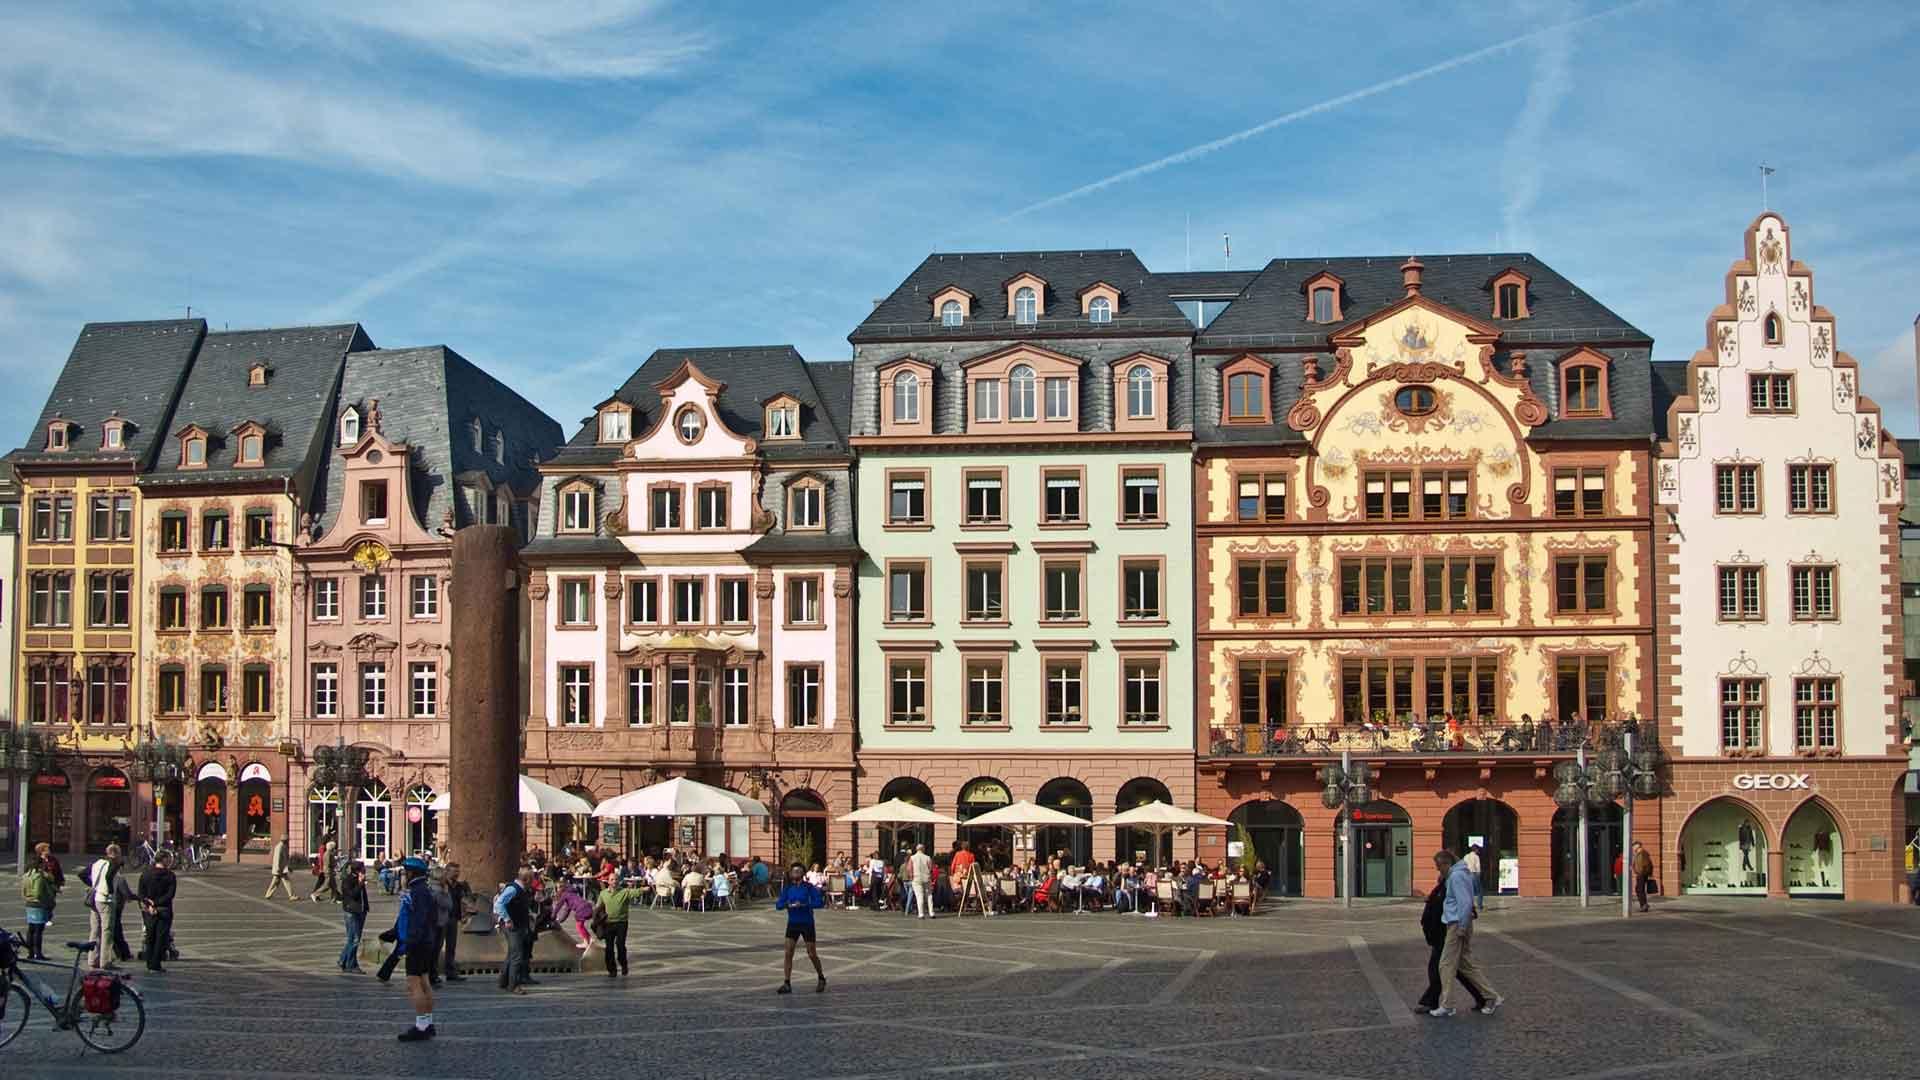 Het gezellige marktplein in Mainz. © clearlens - fotolia.com